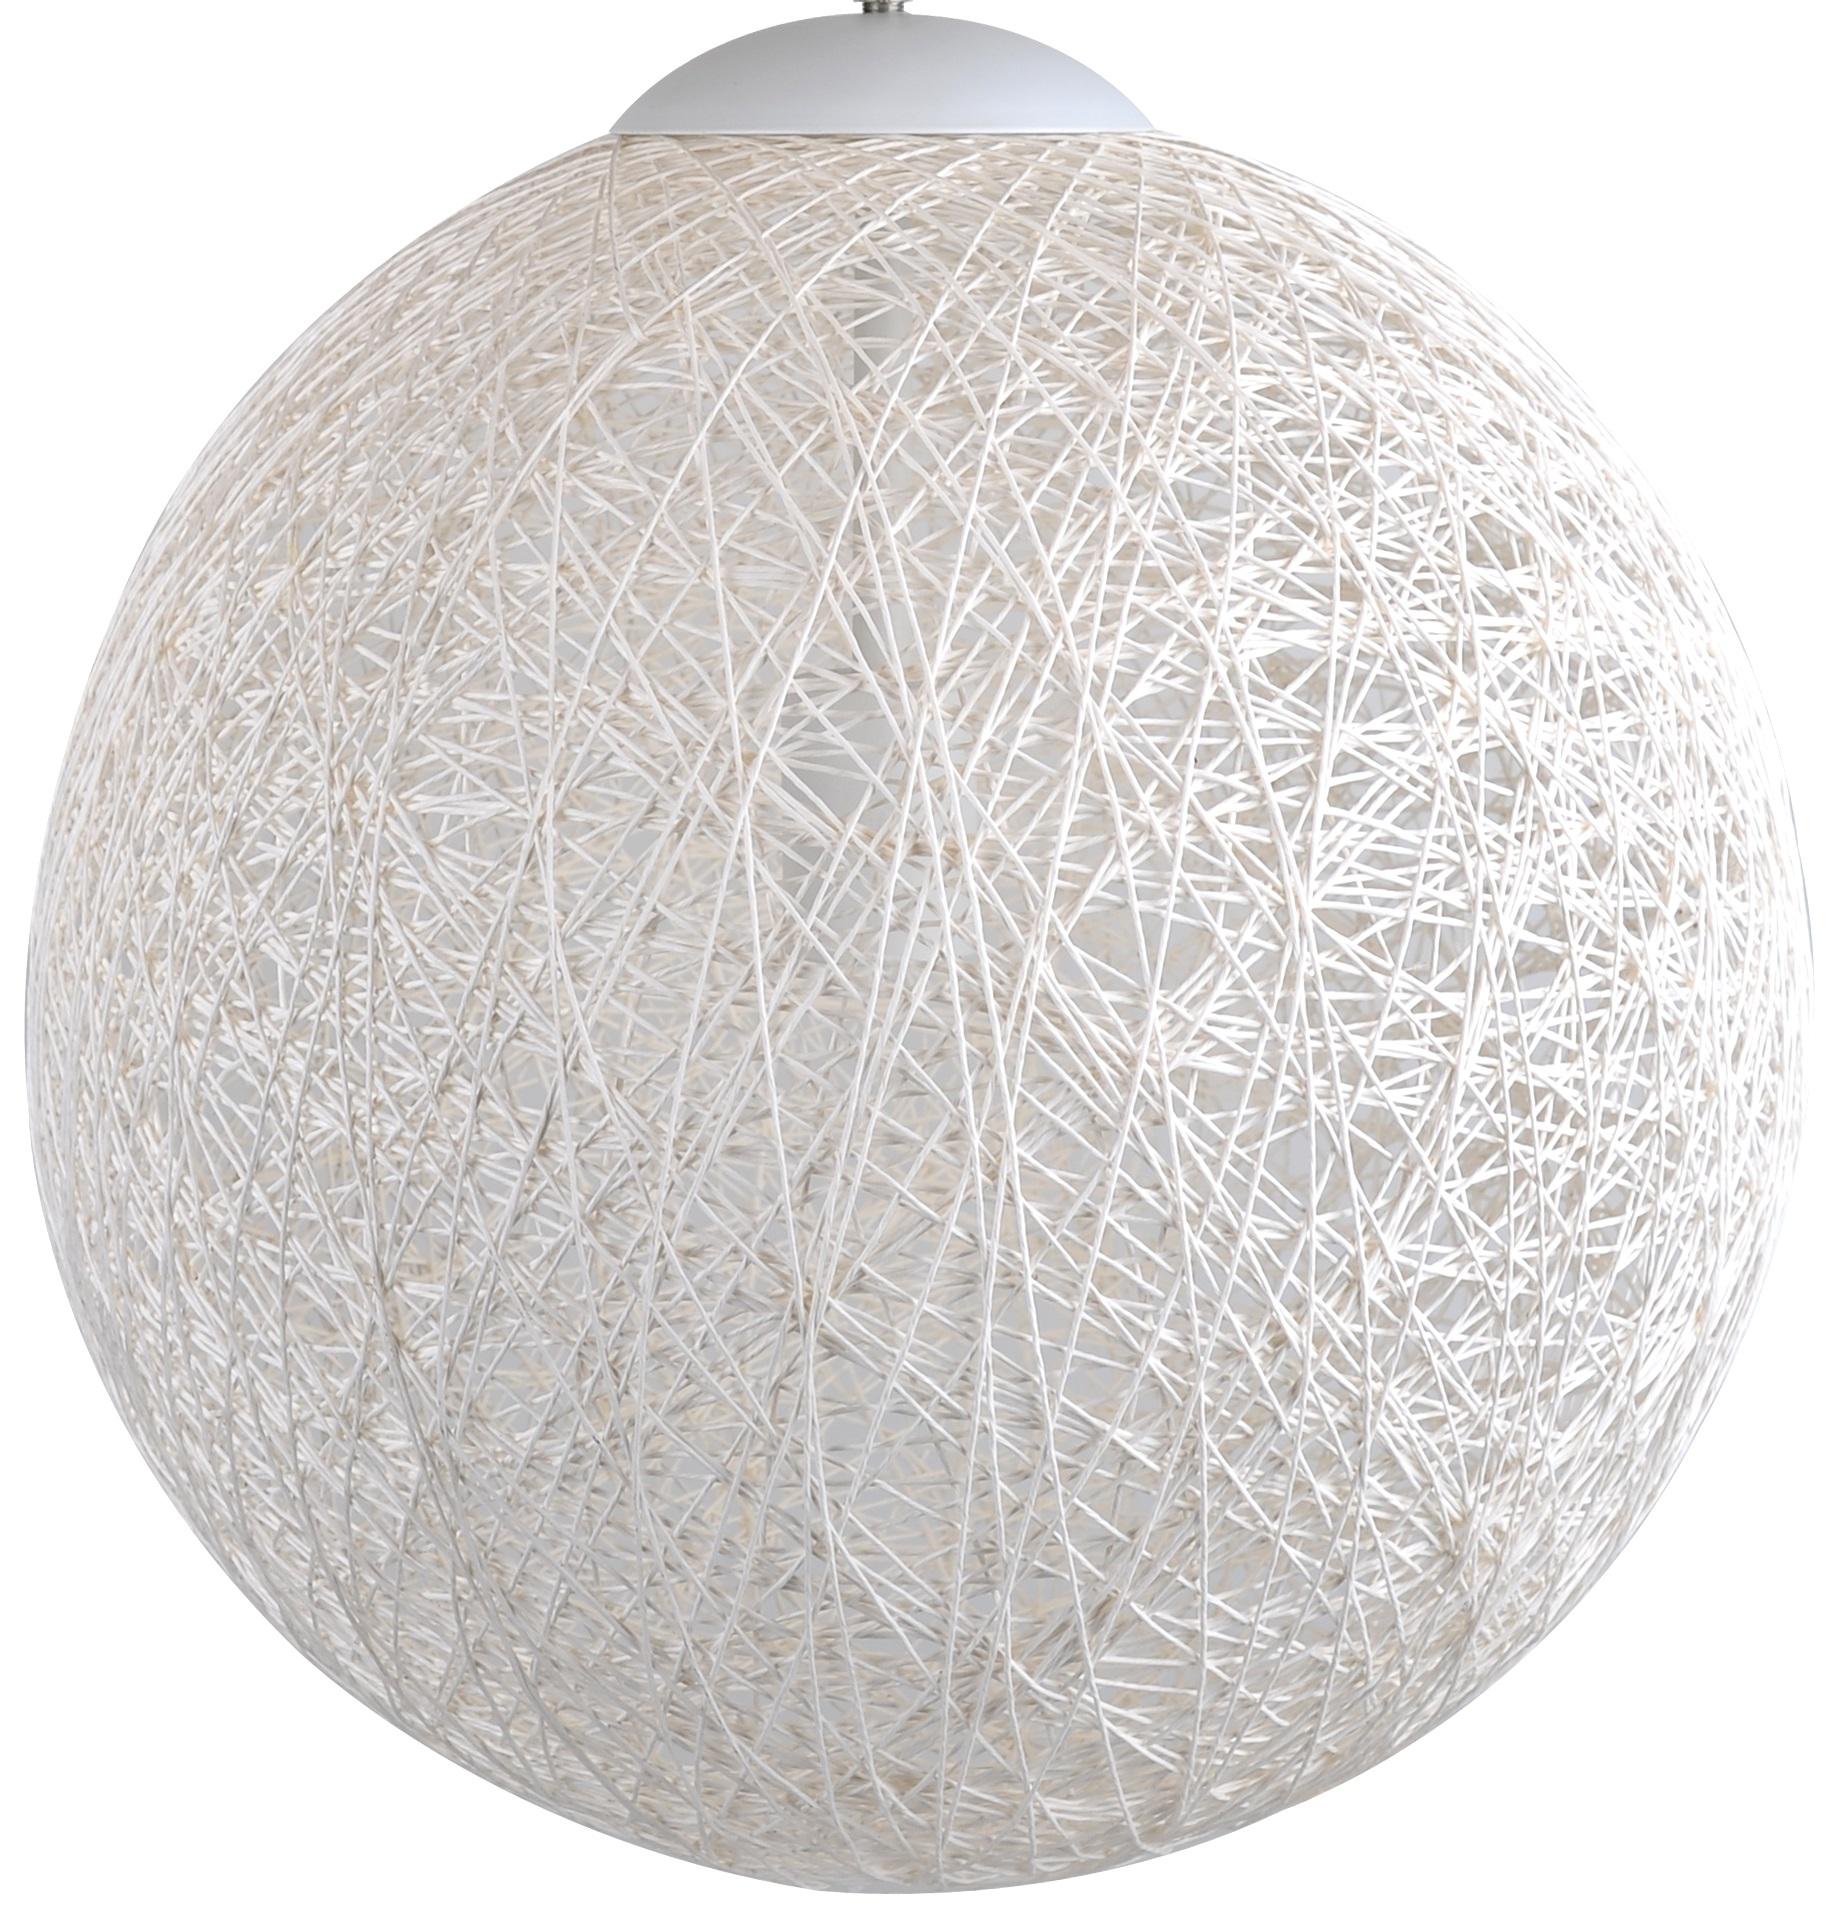 BALL 60 taklampa Vit 995 kr Trendrum se